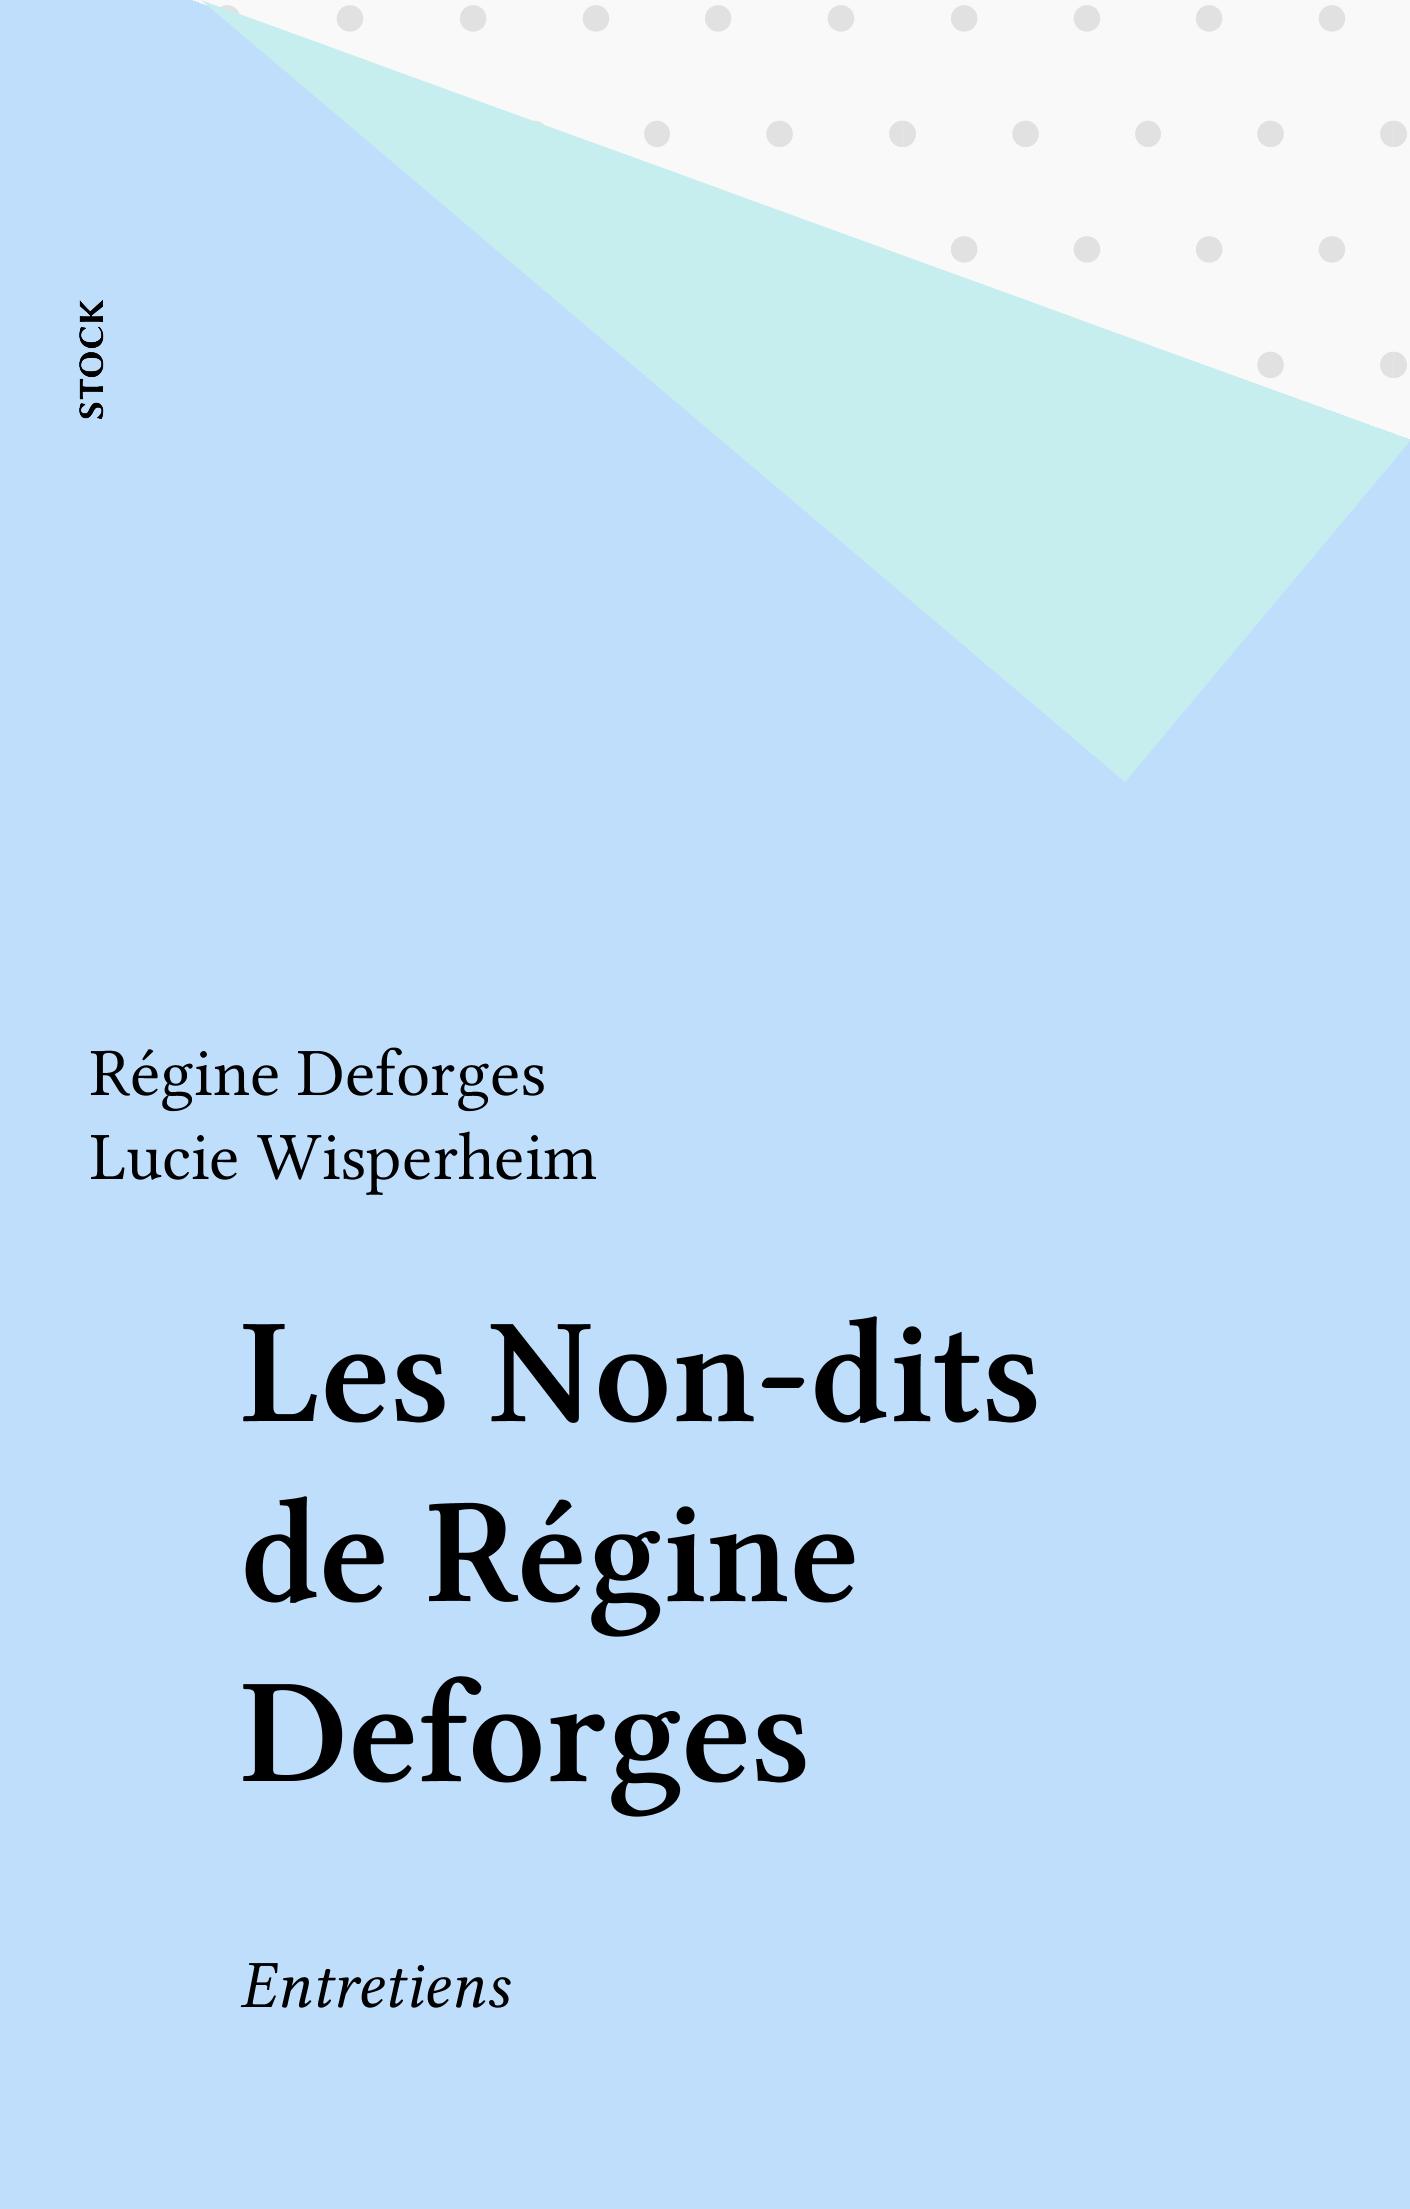 Les Non-dits de Régine Deforges, ENTRETIENS